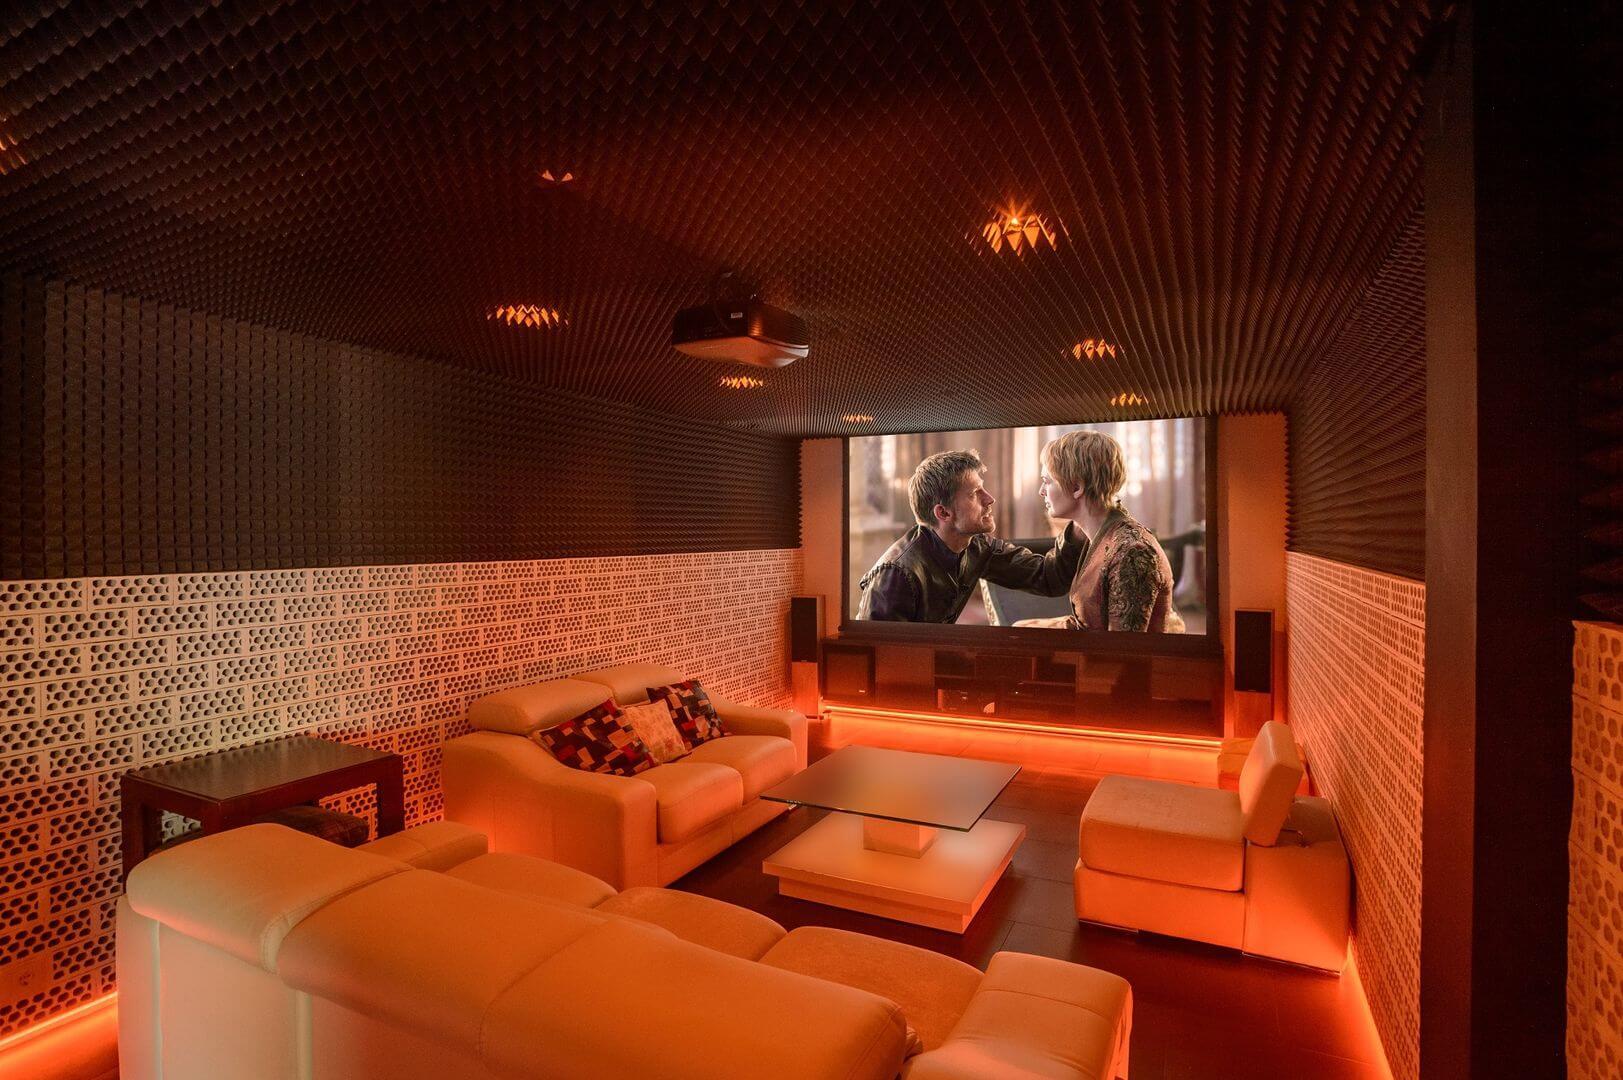 Domácí kino s projektorem